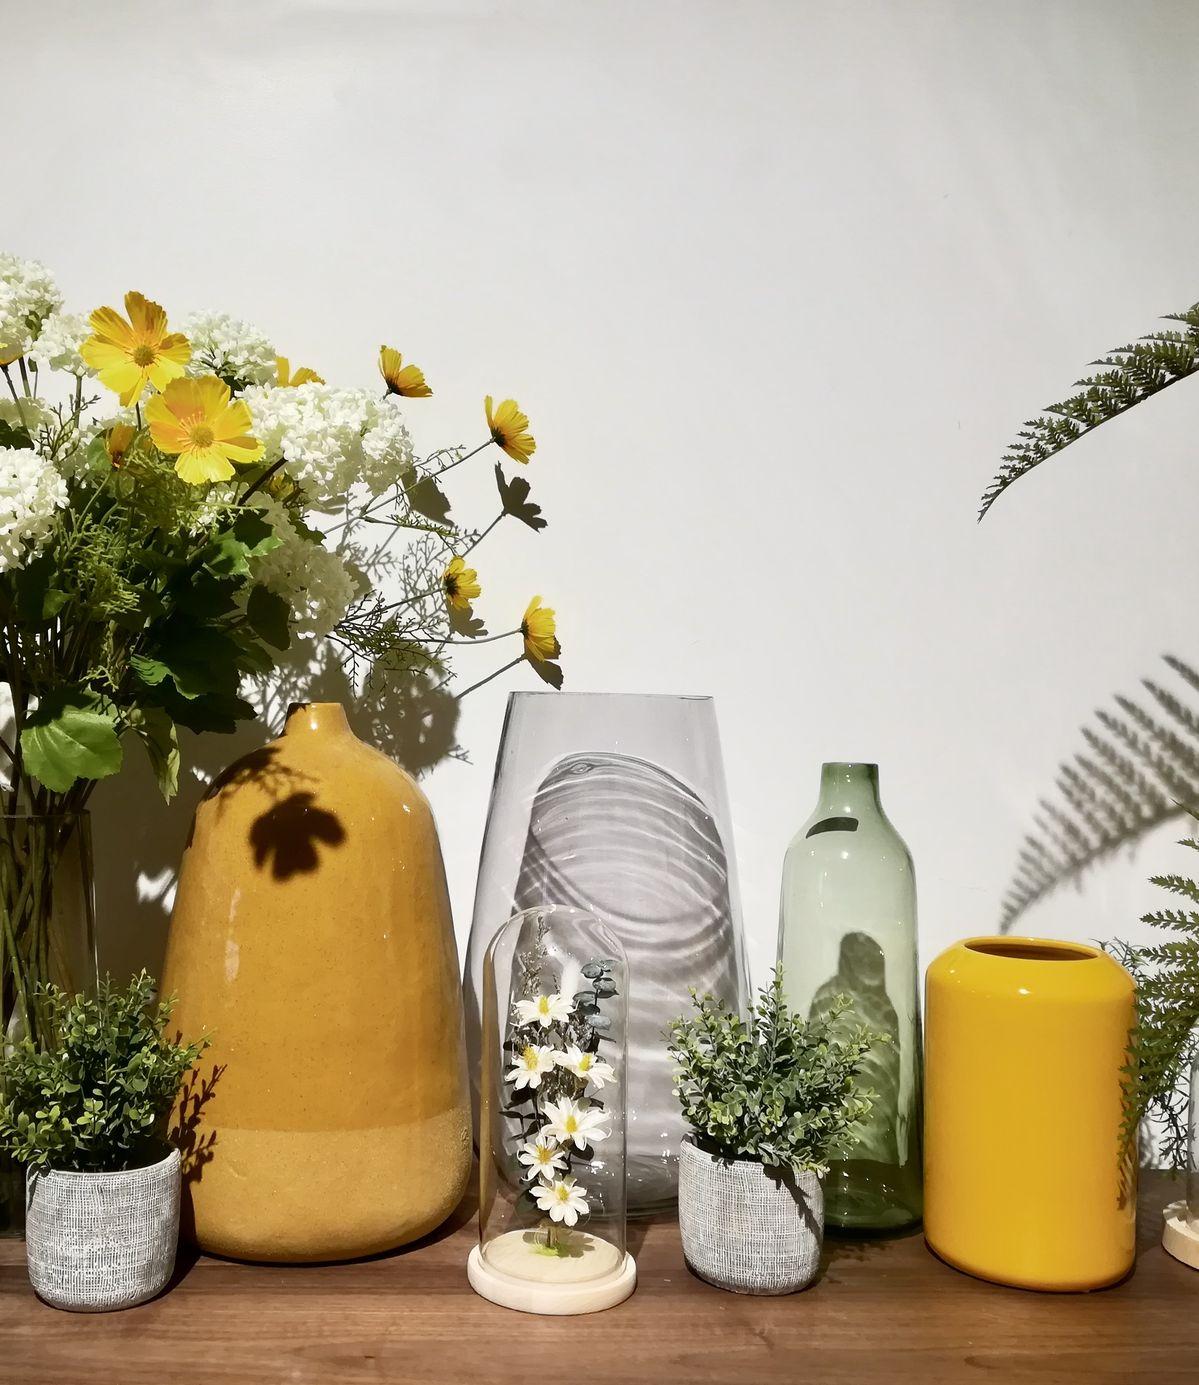 Déco couleur jaune moutarde salon vase accumulation décoration champêtre marguerite vitrine diy